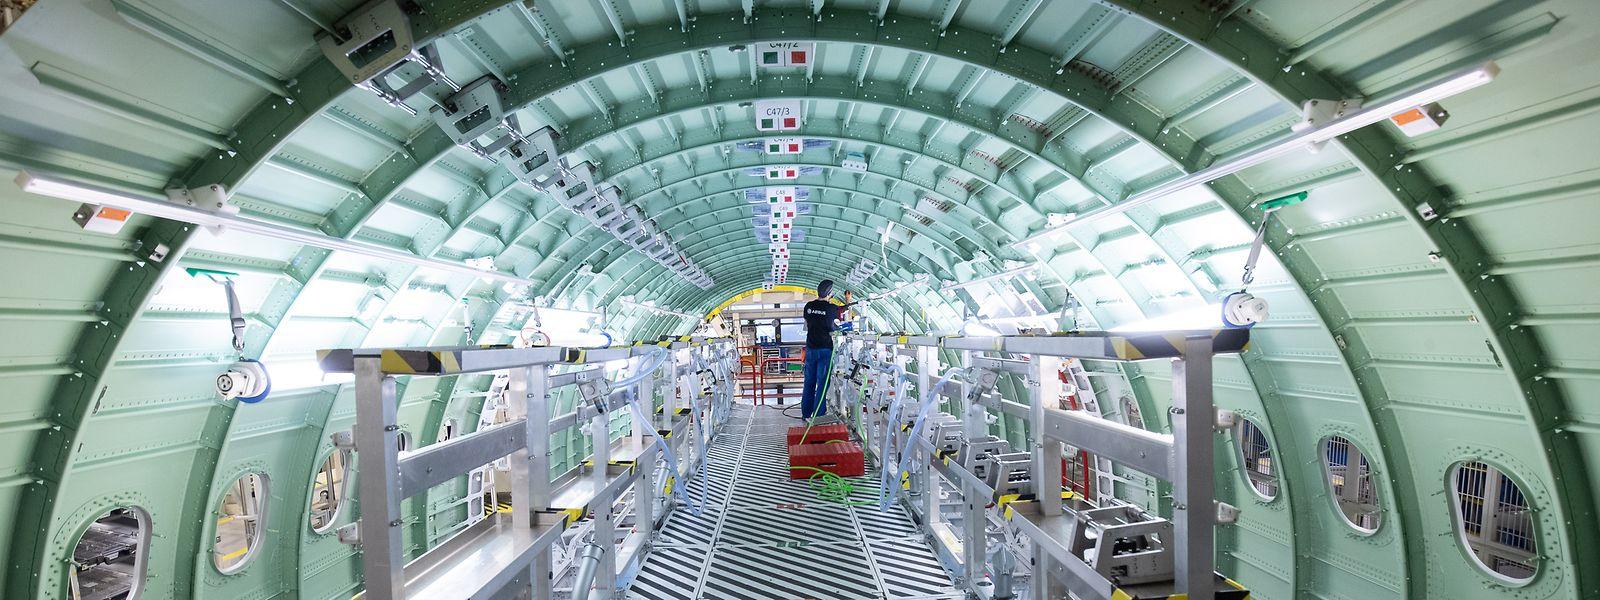 Ein Airbus-Techniker arbeitet in einem Rumpfsegment in der neuen Strukturmontage der Airbus A320 Familie in Hangar 245 im Airbus Werk in Finkenwerder.